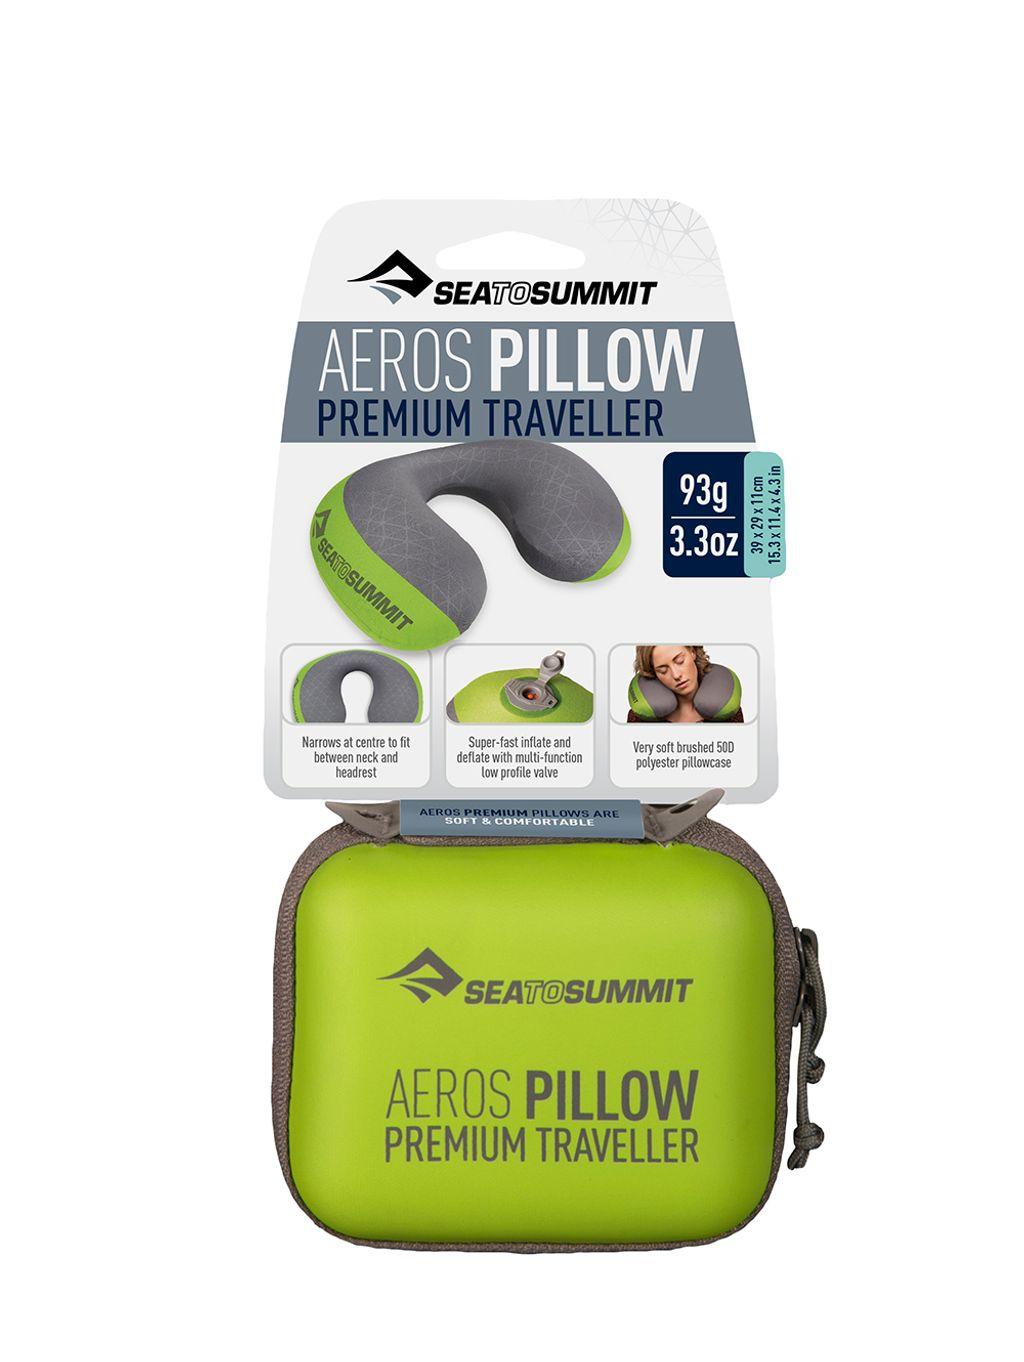 STS_APILPREMYHAGN_AerosPillow_Premium_Traveller_Green_Packaging_01.jpg